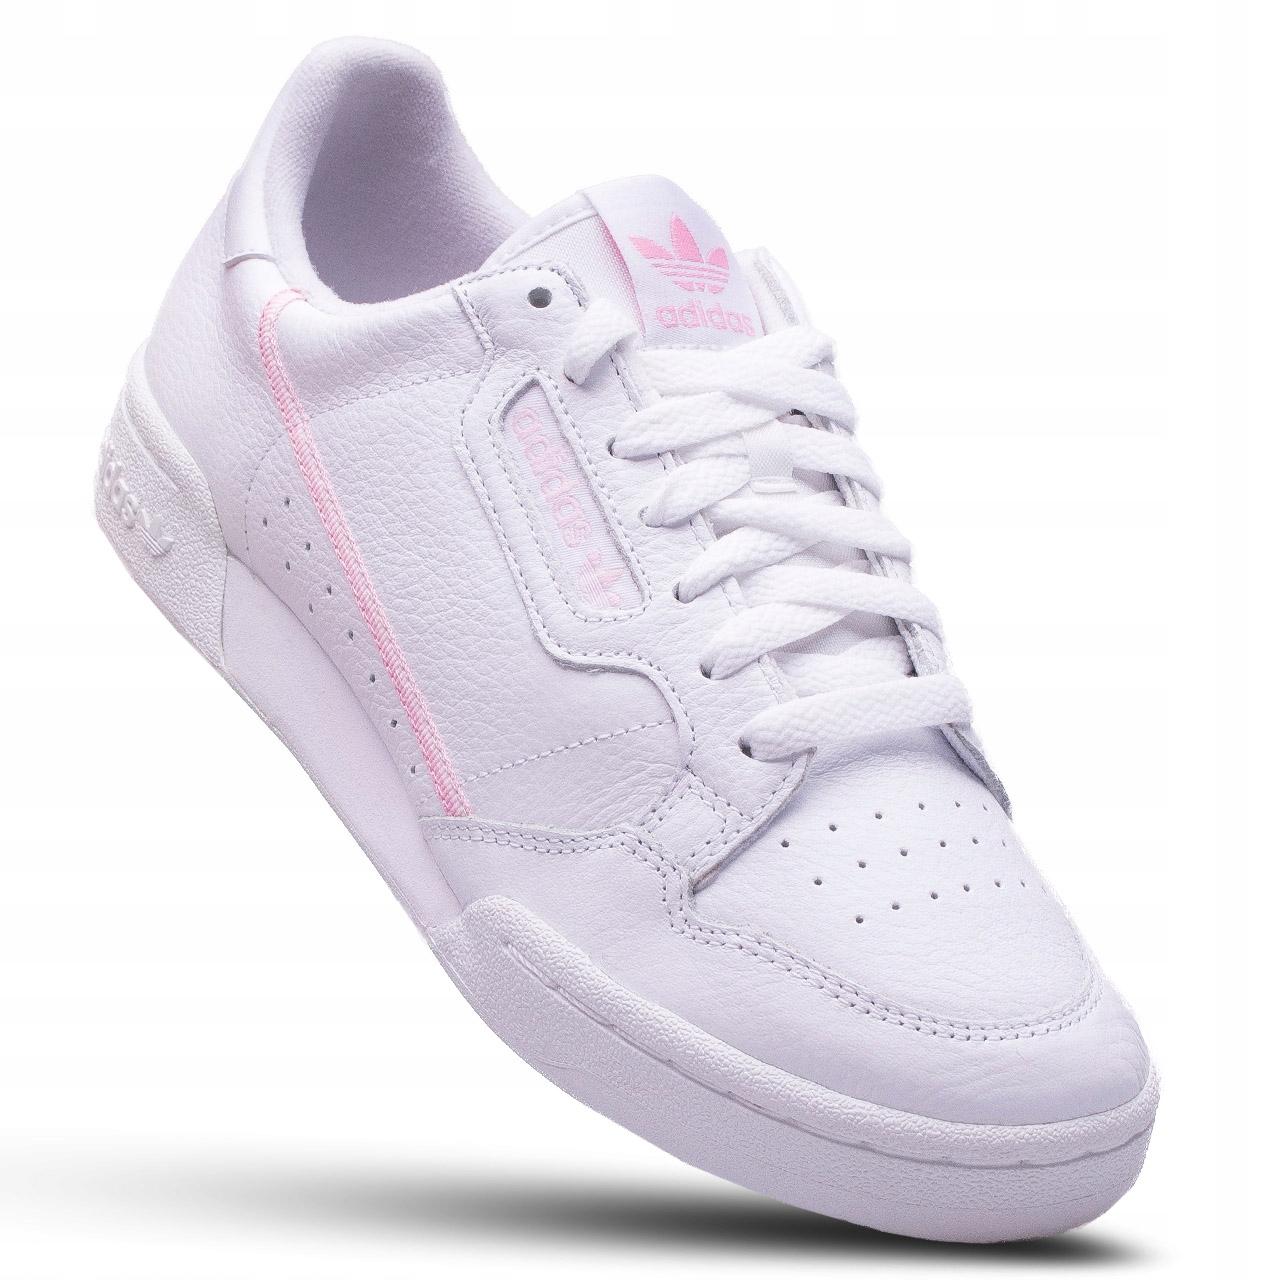 adidas DAMSKIE BUTY CONTINENTAL 80 białe skórzane 8232534157